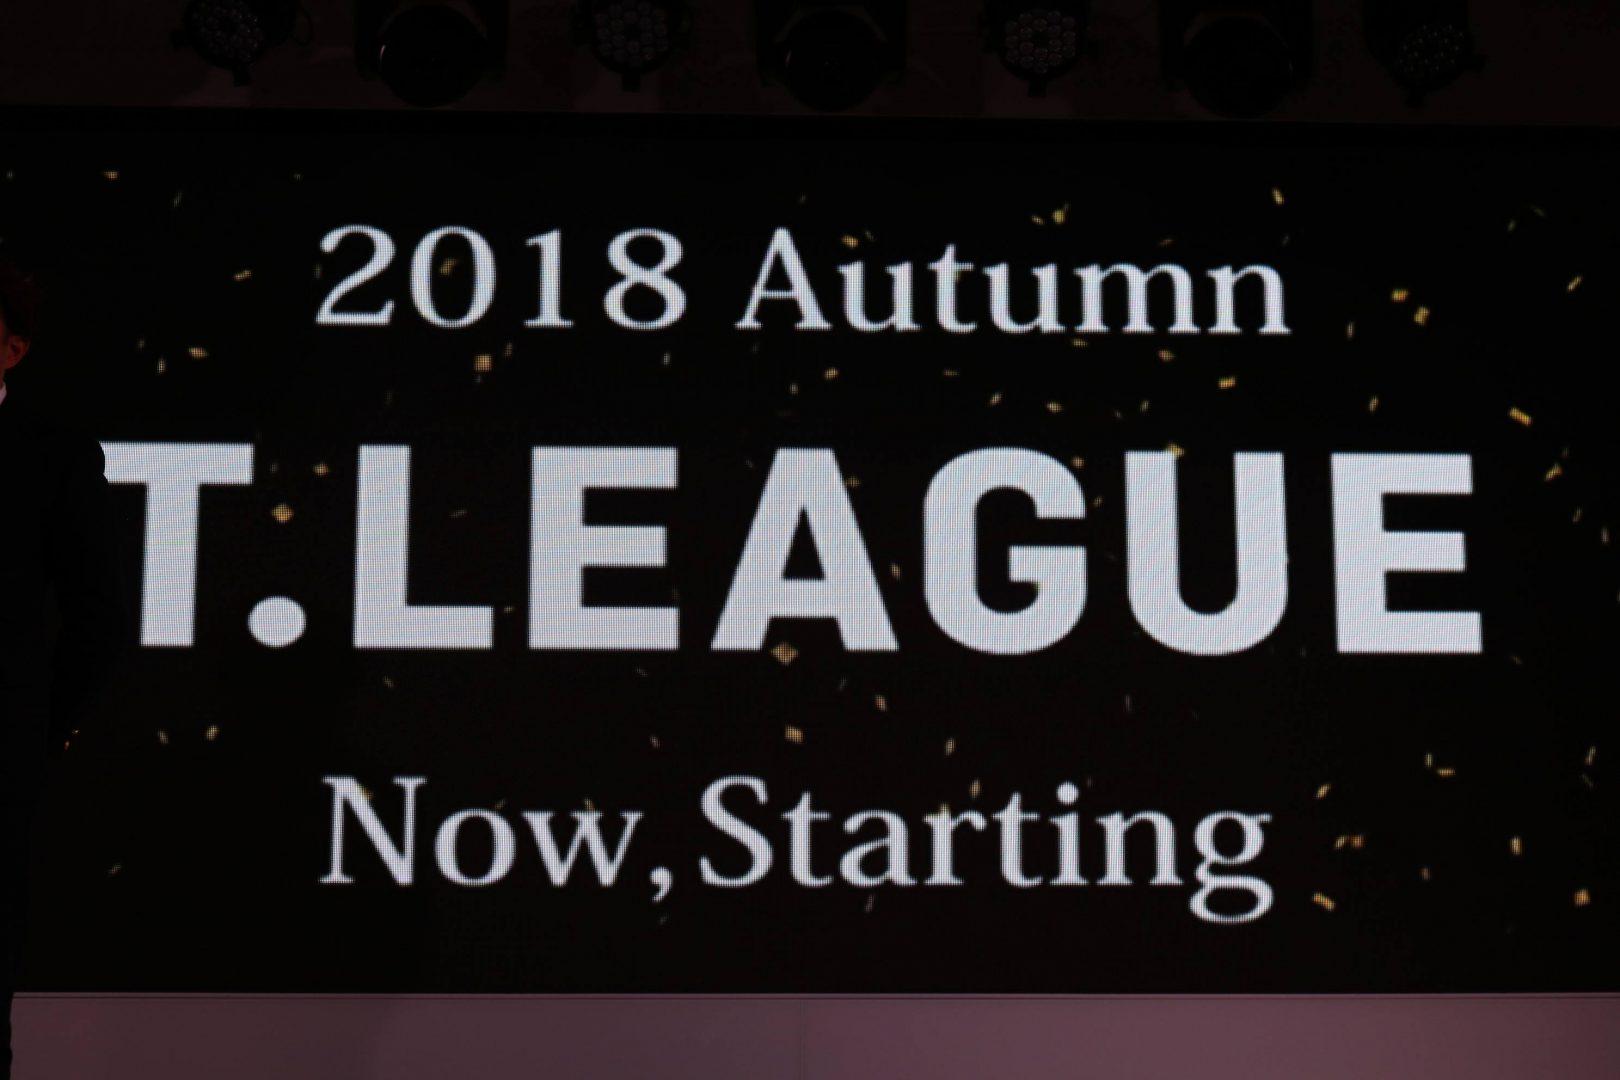 【随時更新】卓球Tリーグが2018年秋開幕!参加チーム・選手の最新情報まとめ